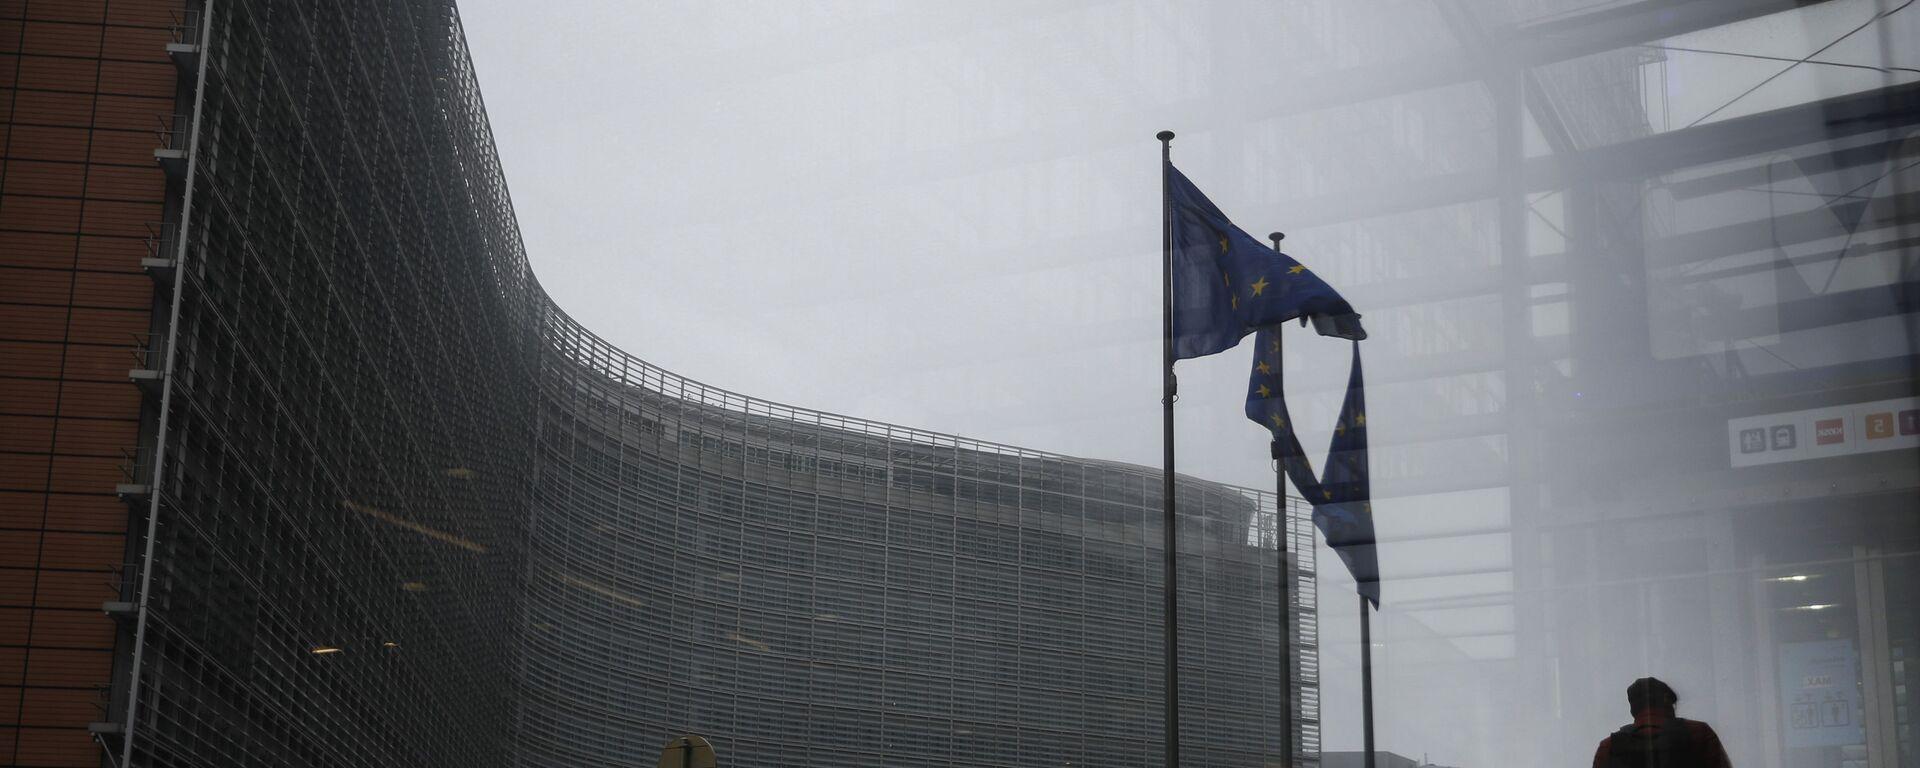 Budova Evropské komise v Bruselu - Sputnik Česká republika, 1920, 04.07.2021